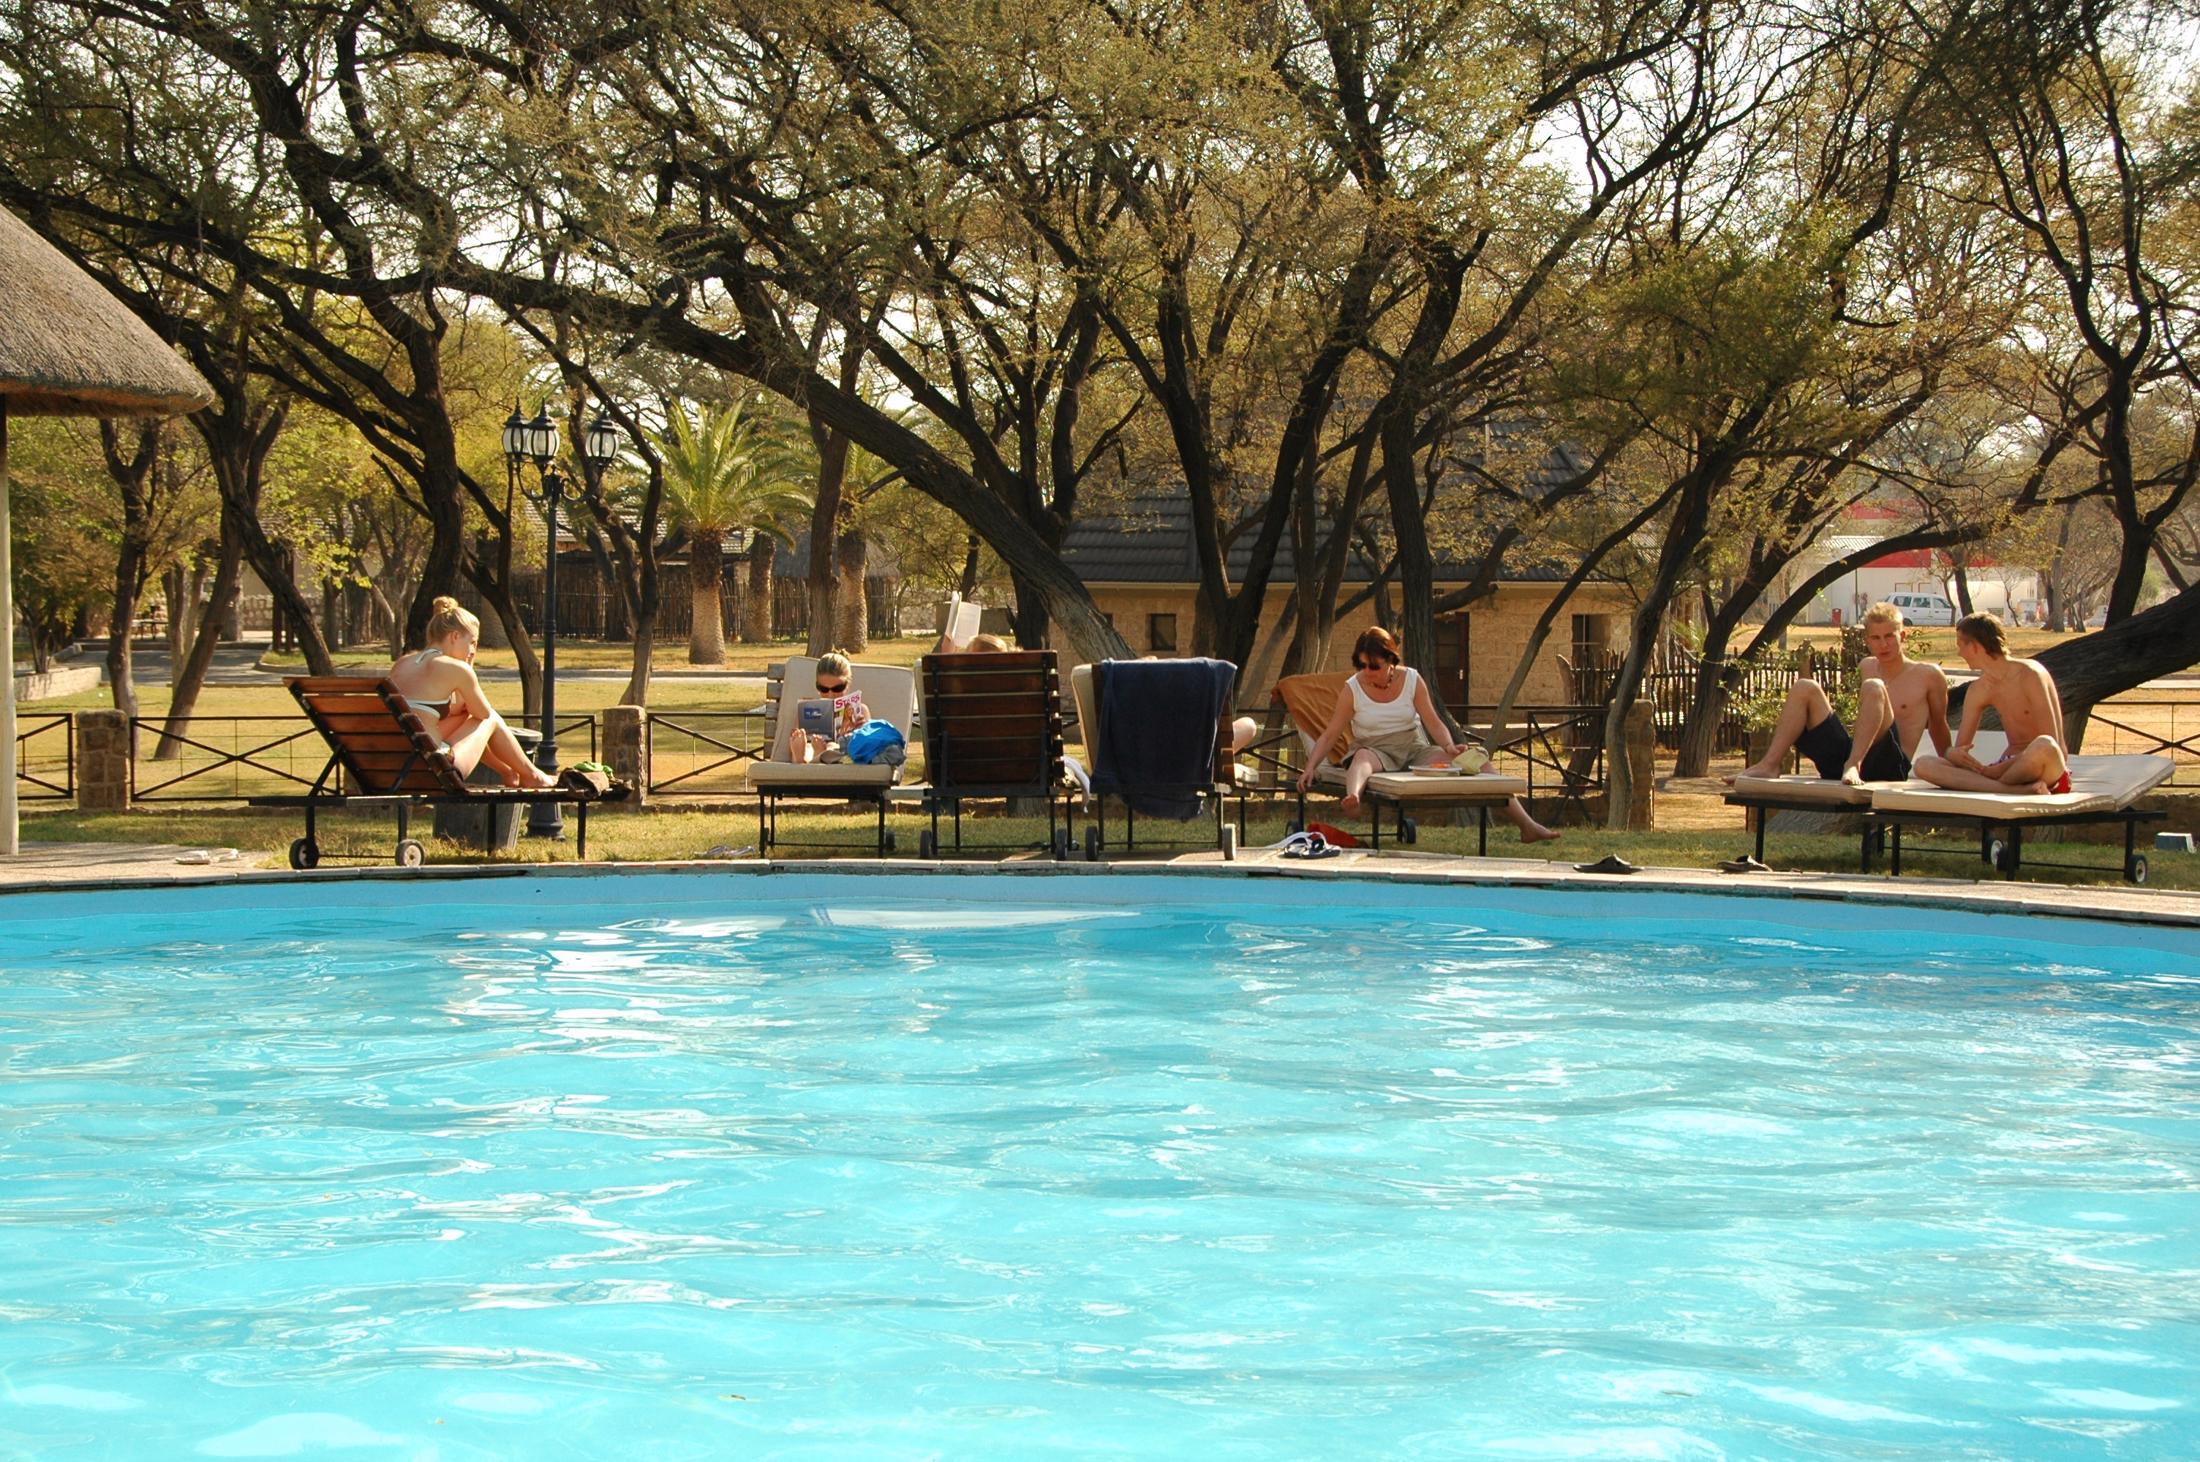 Familiereizen Namibië - Veel kampen hebben een zwembad, ook in de nationale parken